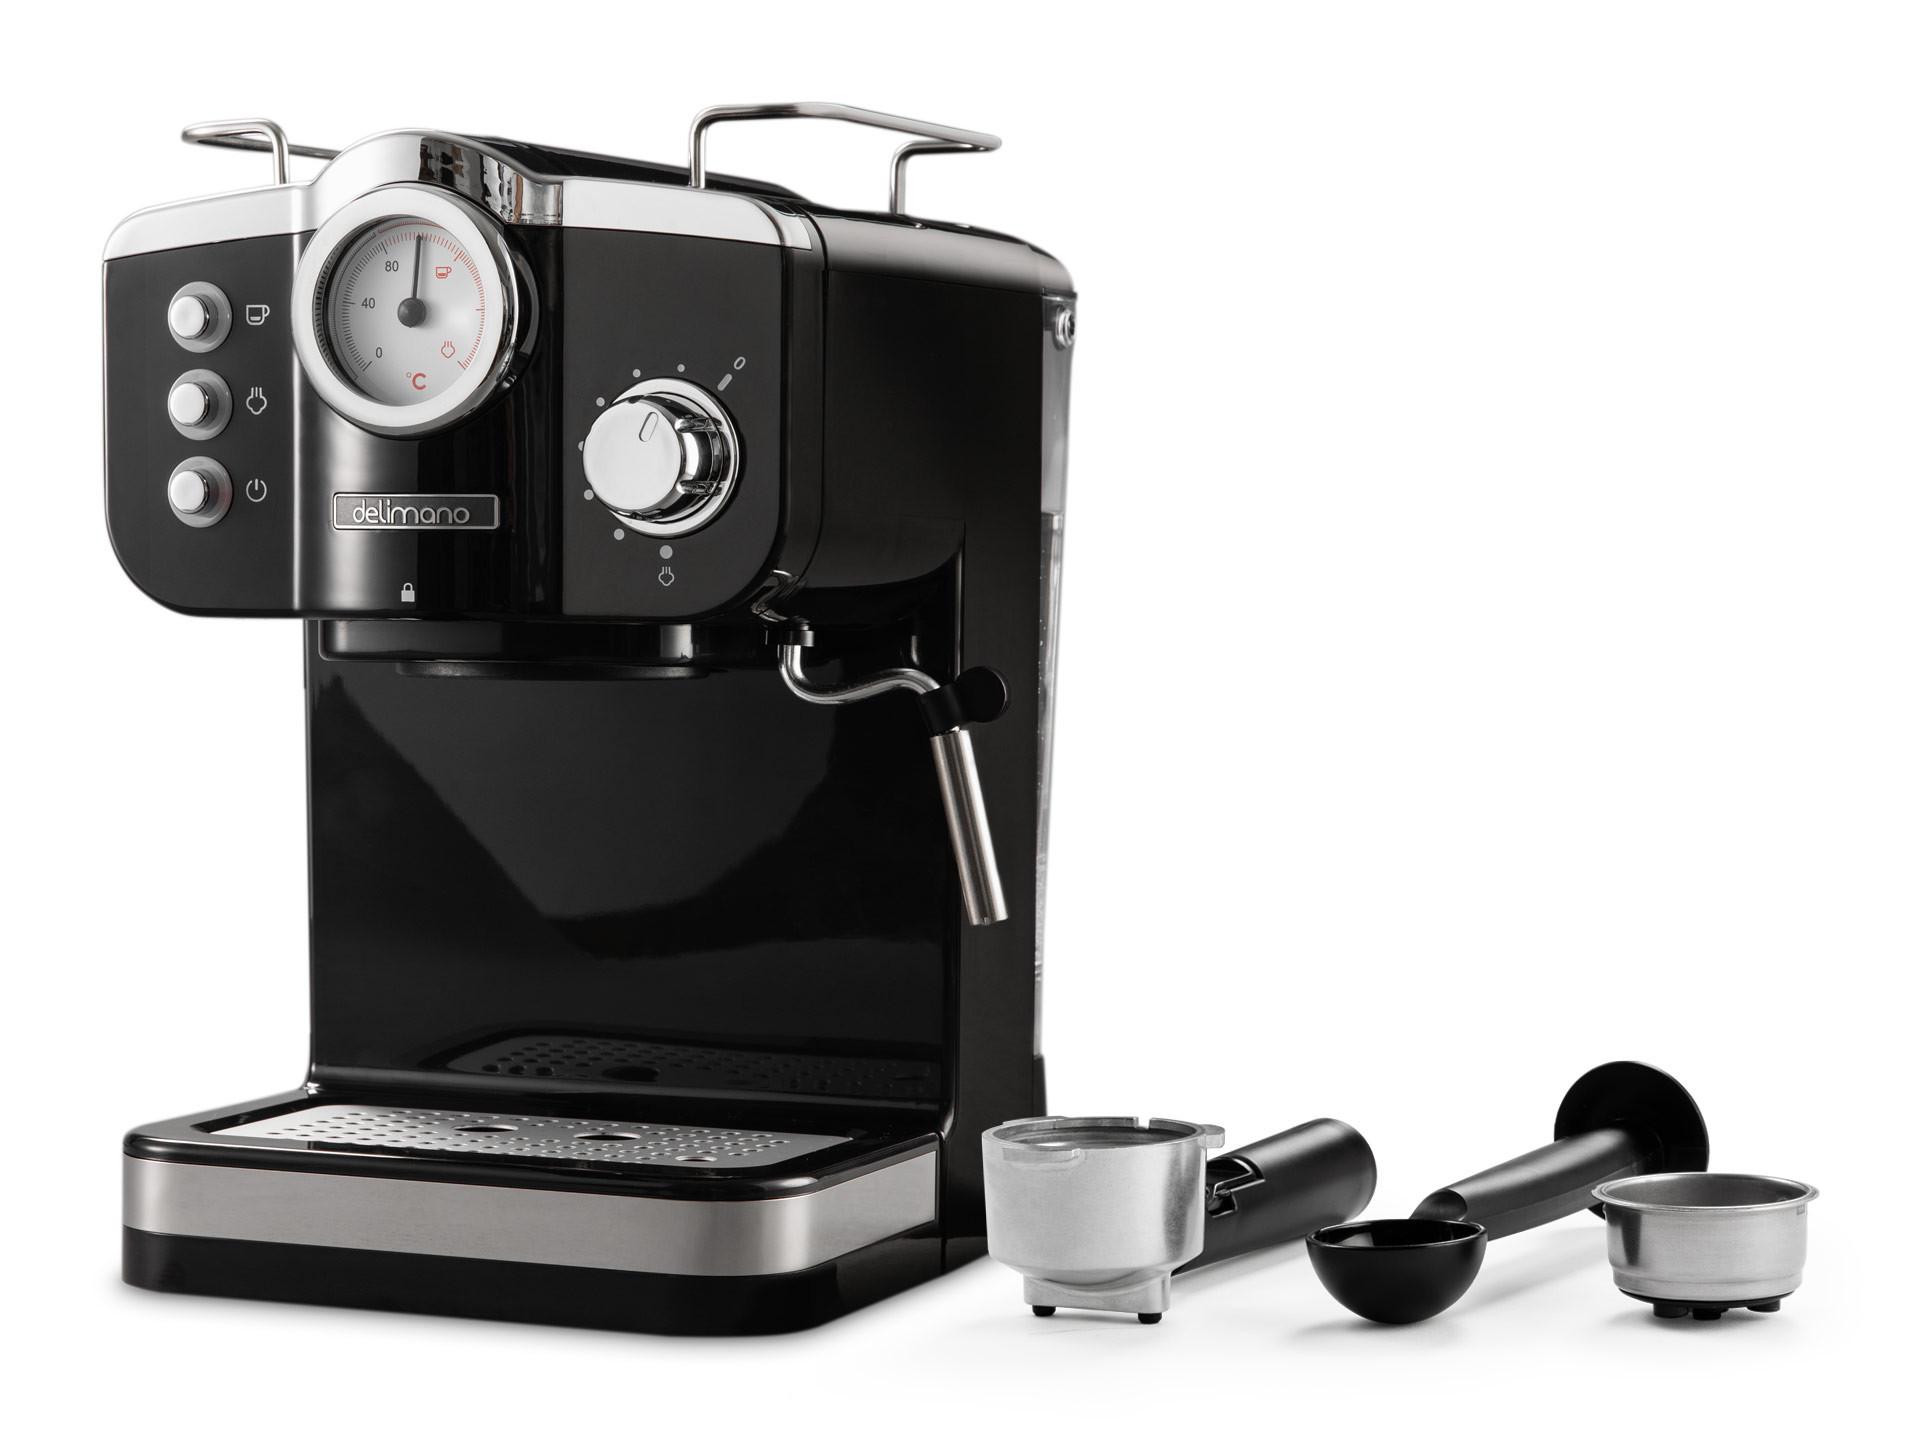 Aparat electric de facut cafea Delimano Espresso Deluxe Noir